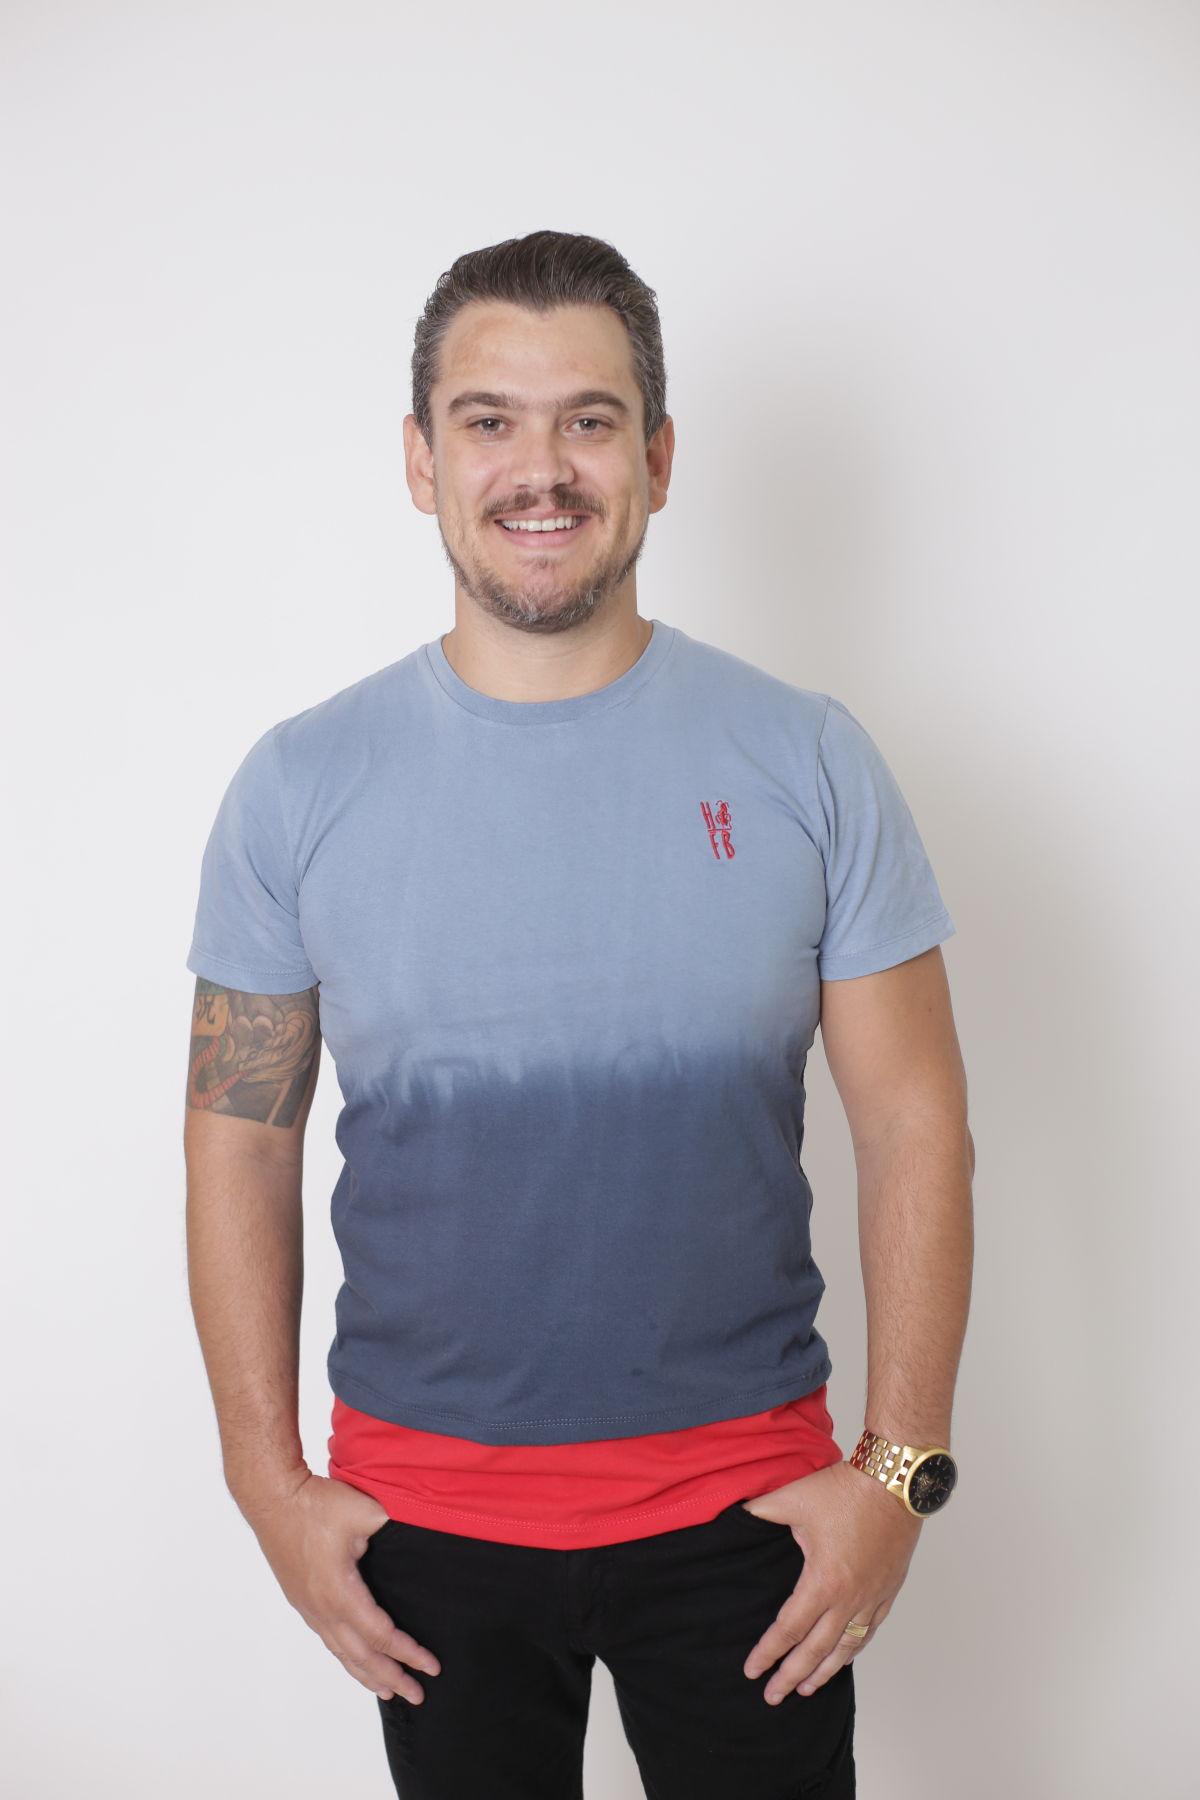 PAIS E FILHA > Kit 3 Peças T-Shirt - Degradê [Coleção Família]  - Heitor Fashion Brazil